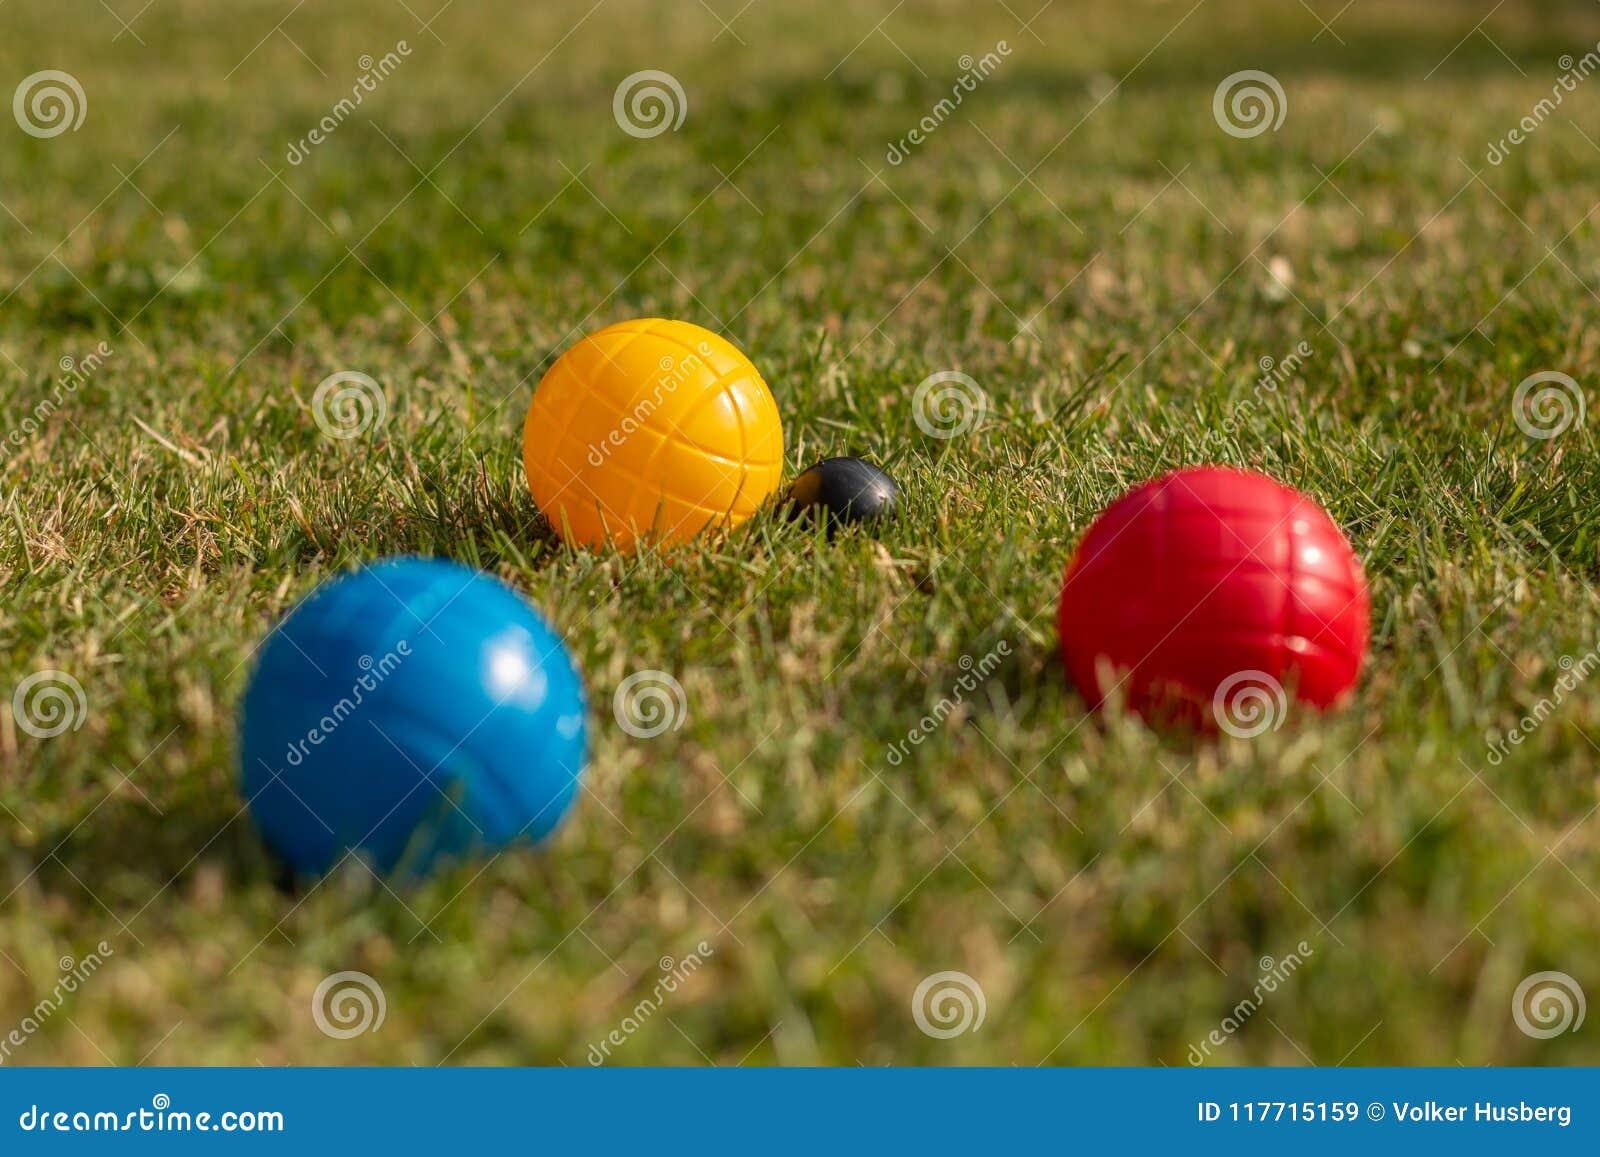 Bocciaballen in primaire kleuren - conceptenschot